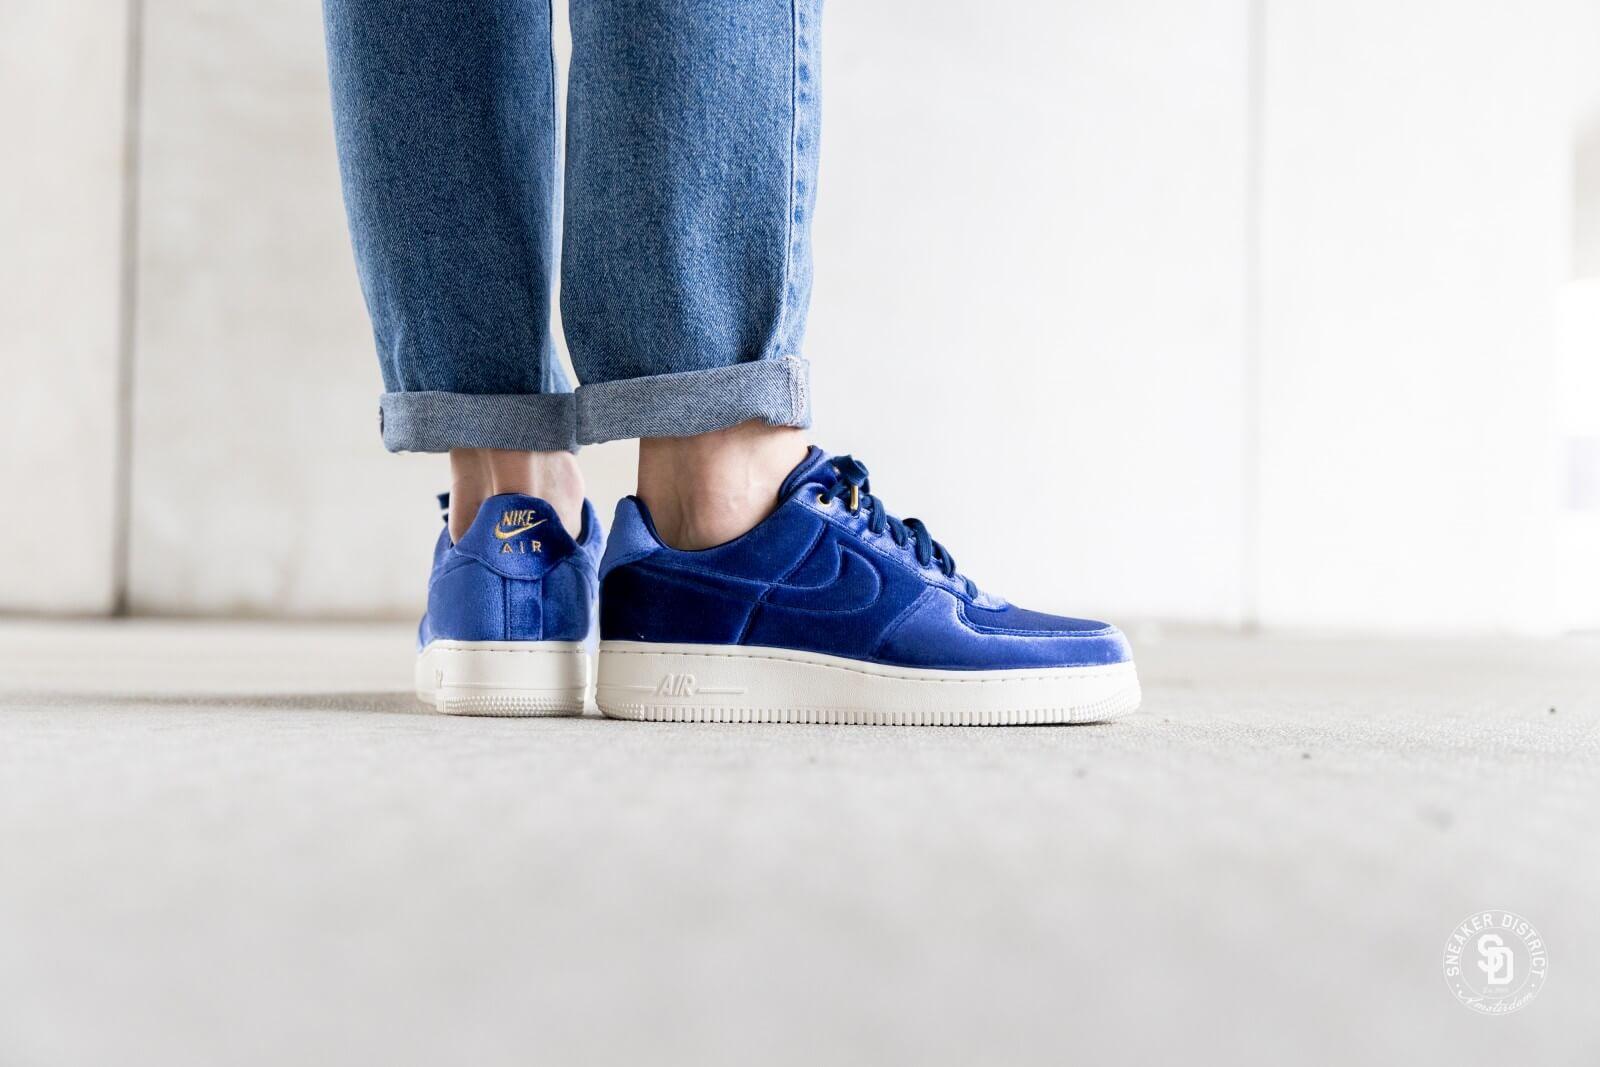 air force 1 velour bleu